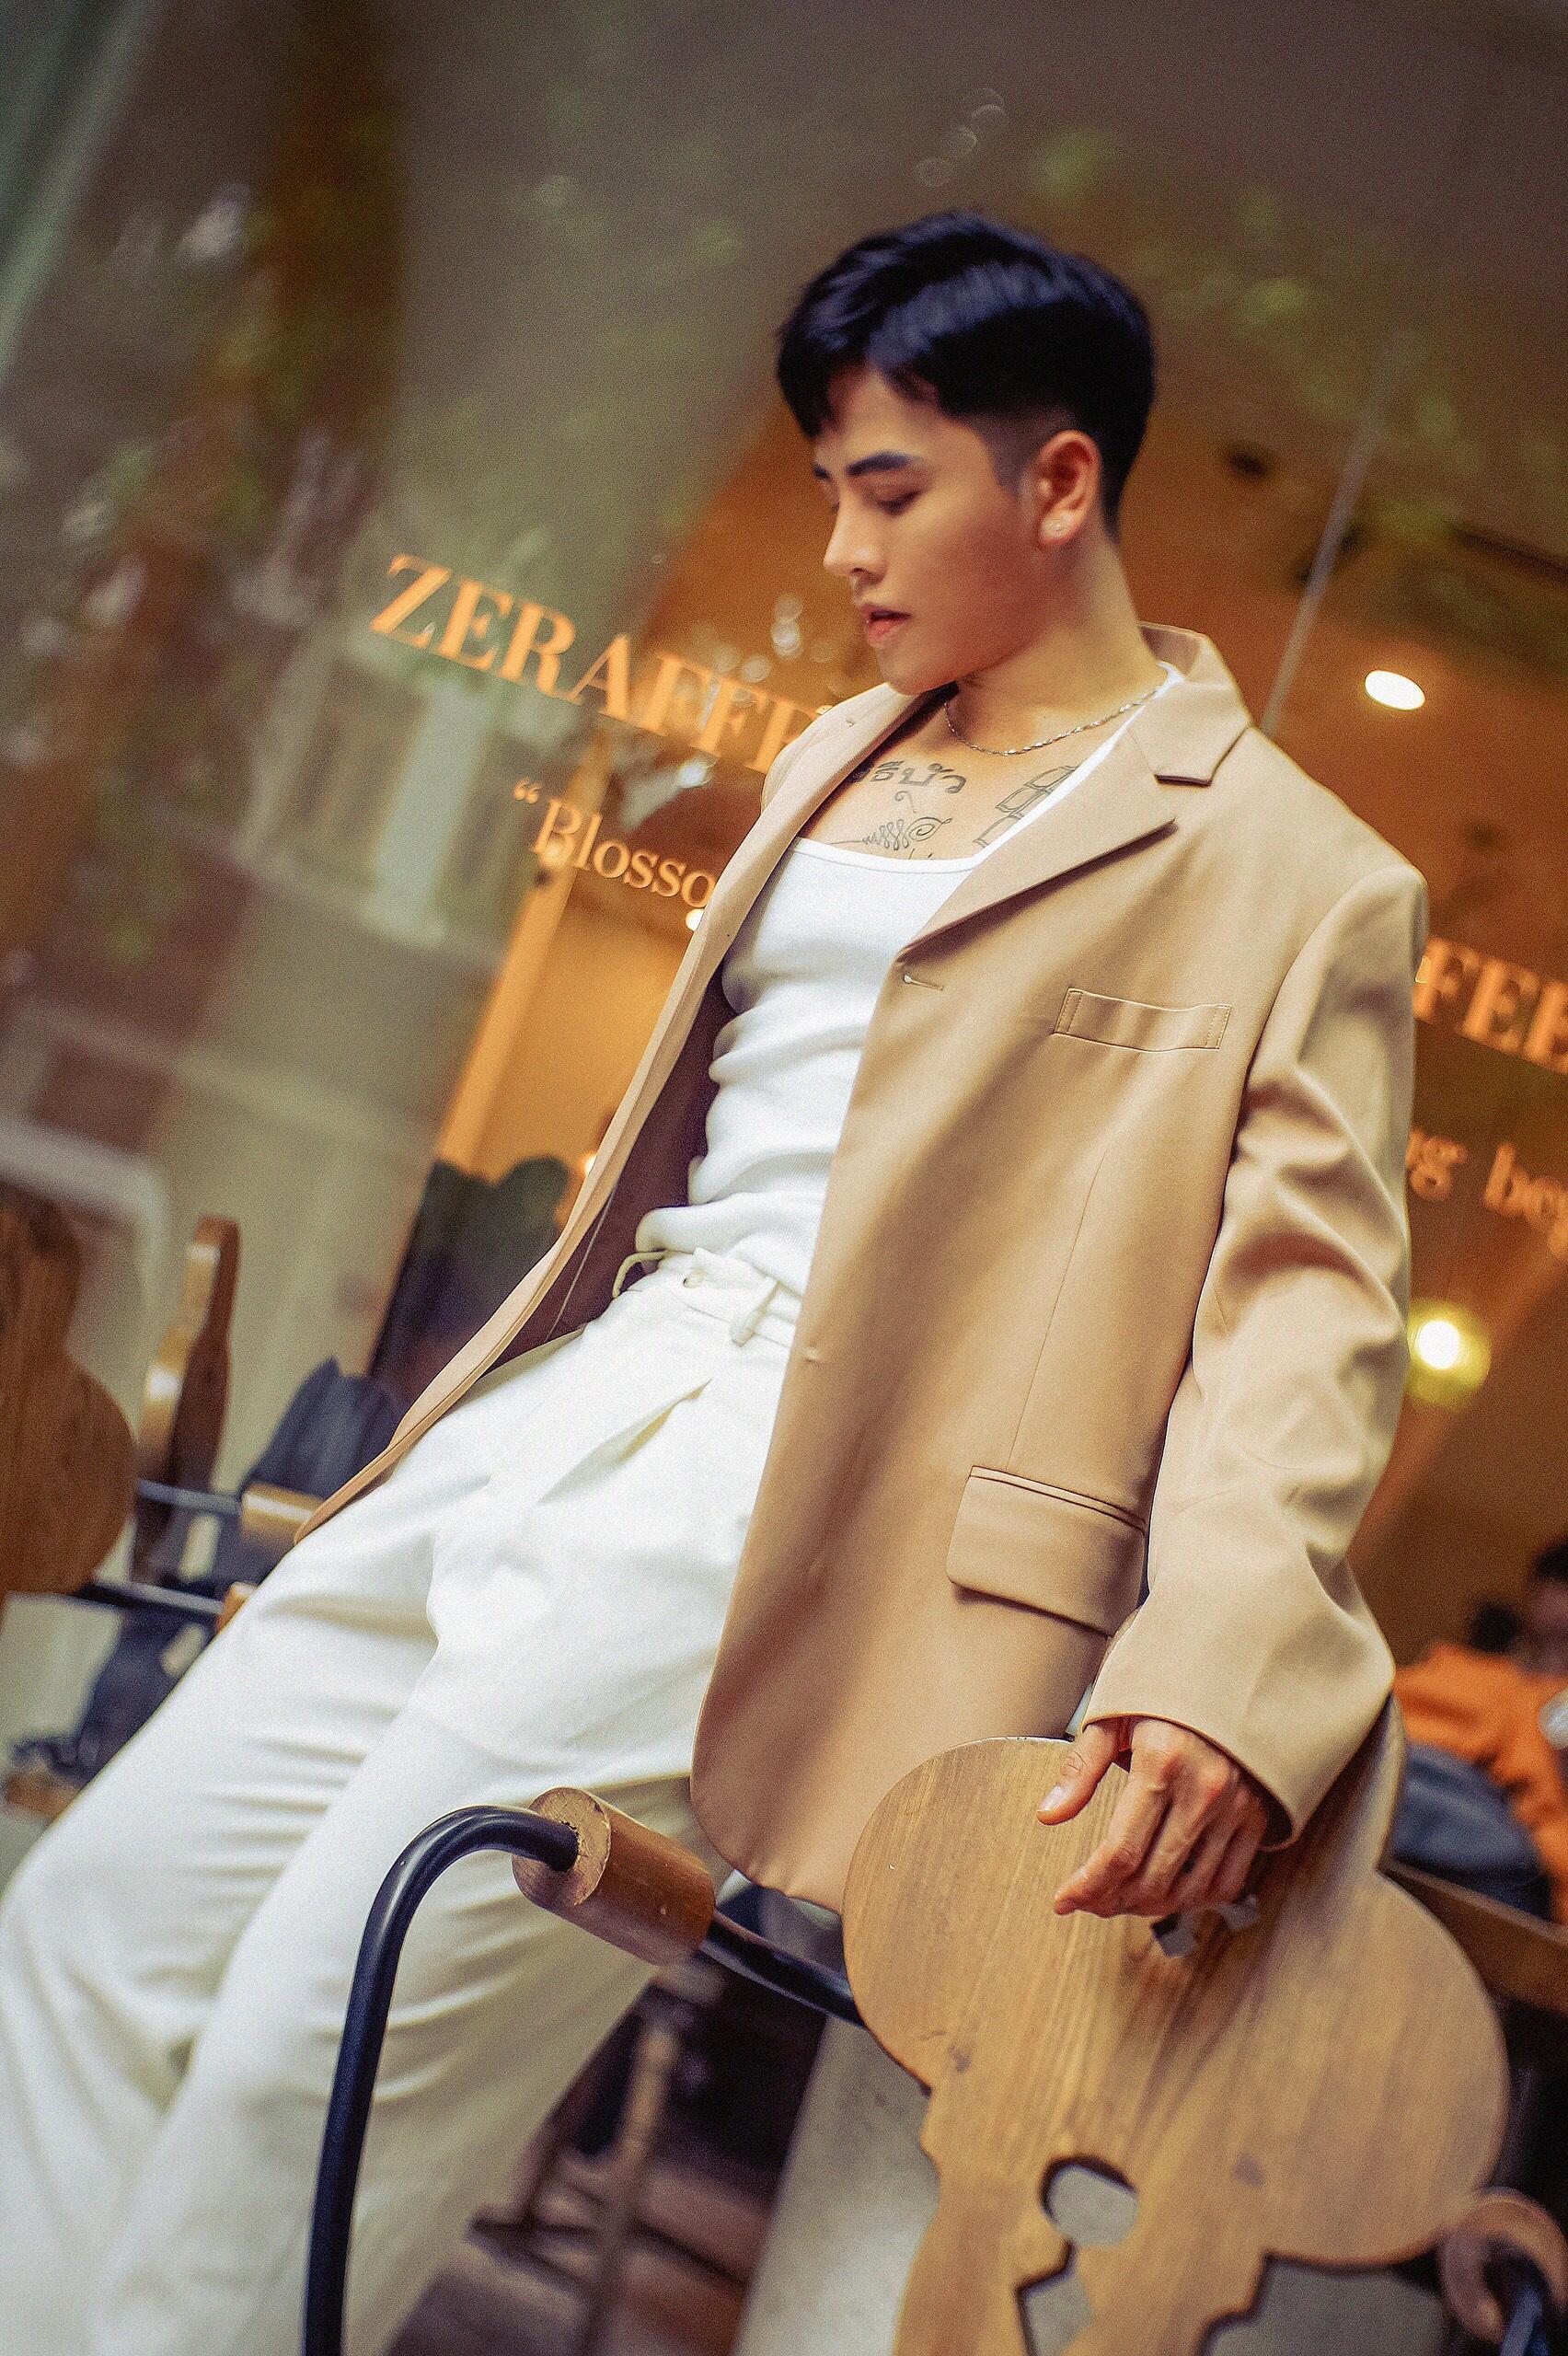 Khi không đi làm và cởi bỏ chiếc áo khoác blouse nghiêm túc, Huy Bình có style đời thường khá cá tính. Vẫn là những items casual như sơ mi, vest, quần Tây... tuy nhiên anh chàng biết cách tạo điểm nhấn để trang phục trông nổi bật và trendy hơn.